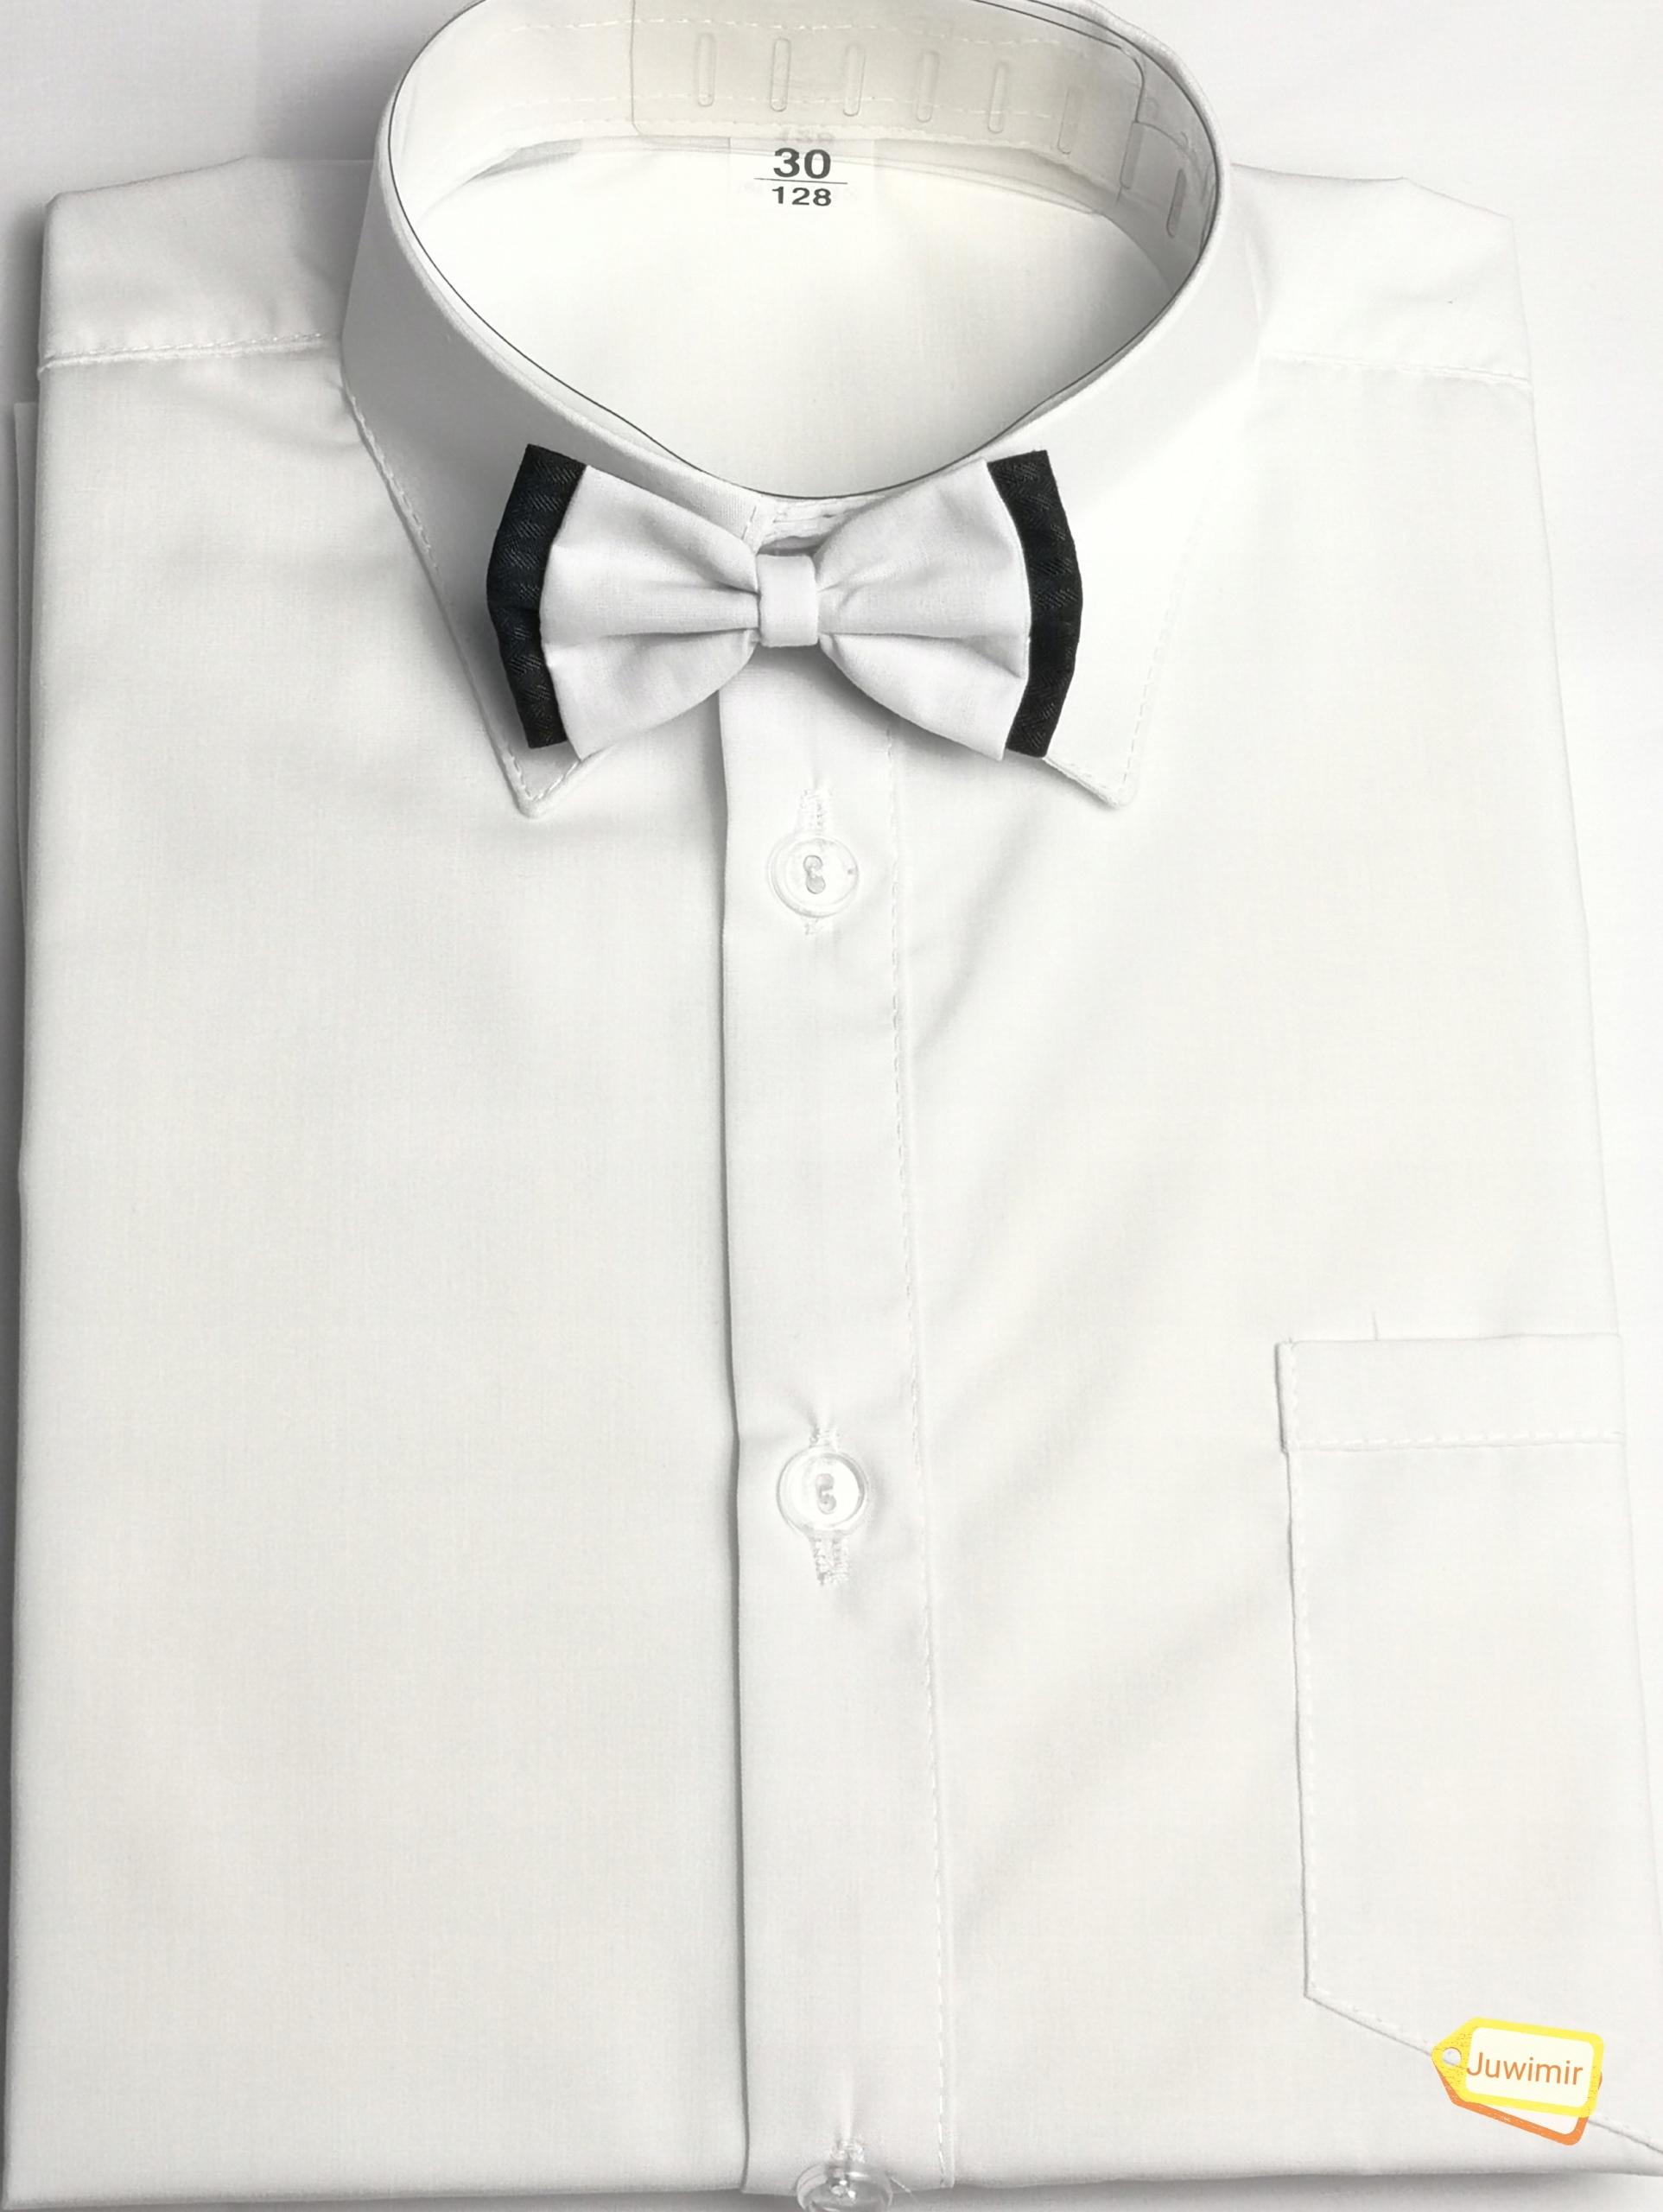 146 DBJ Biała koszula komunijna długi rękaw PL 8667989032